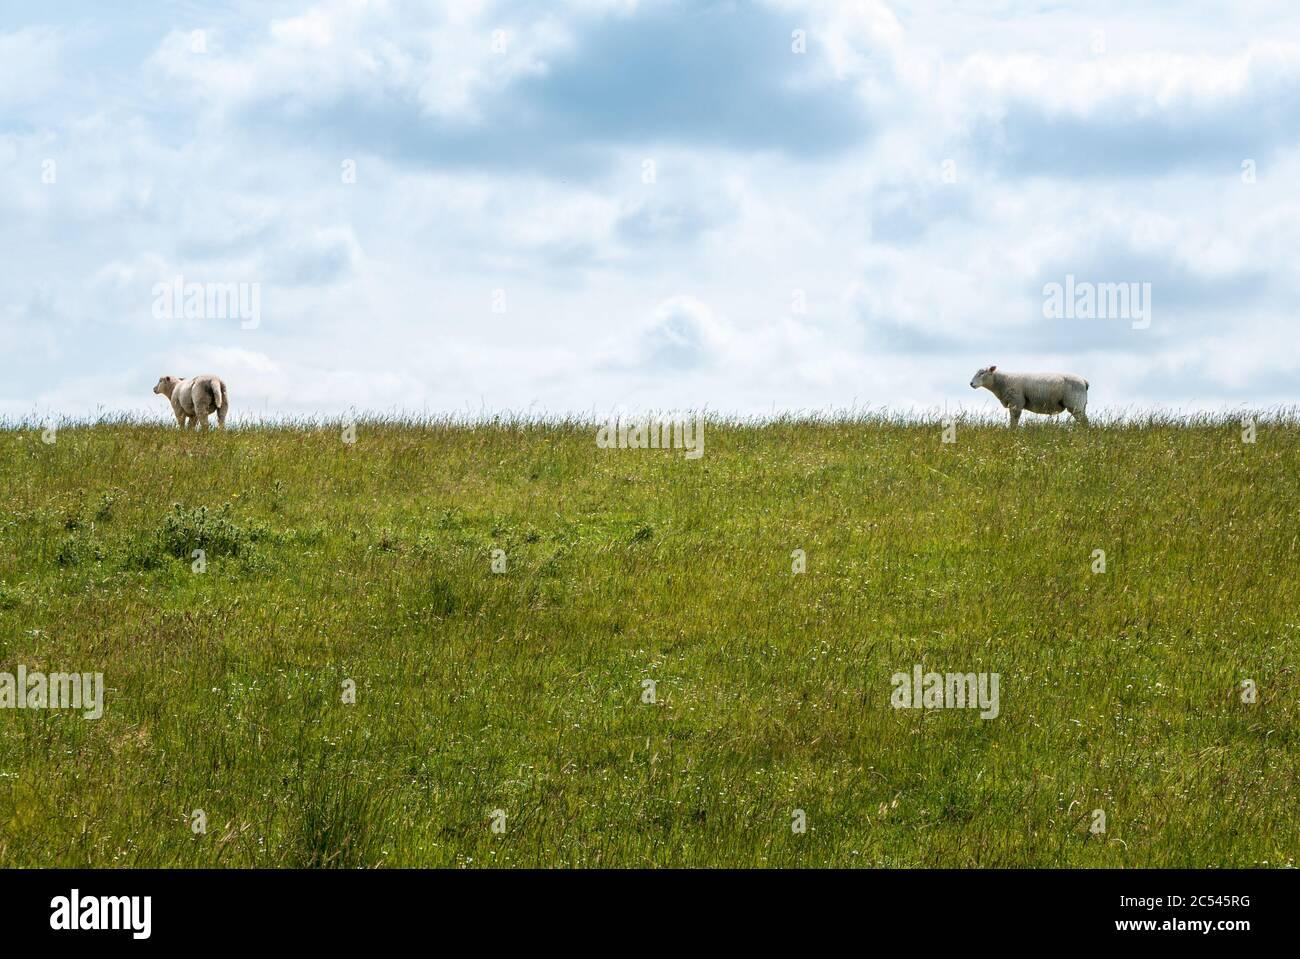 Paisajes de Dyke con prados y ovejas en la costa del Mar del Norte frente al Mar de Wadden, cerca de Dagebüll Foto de stock